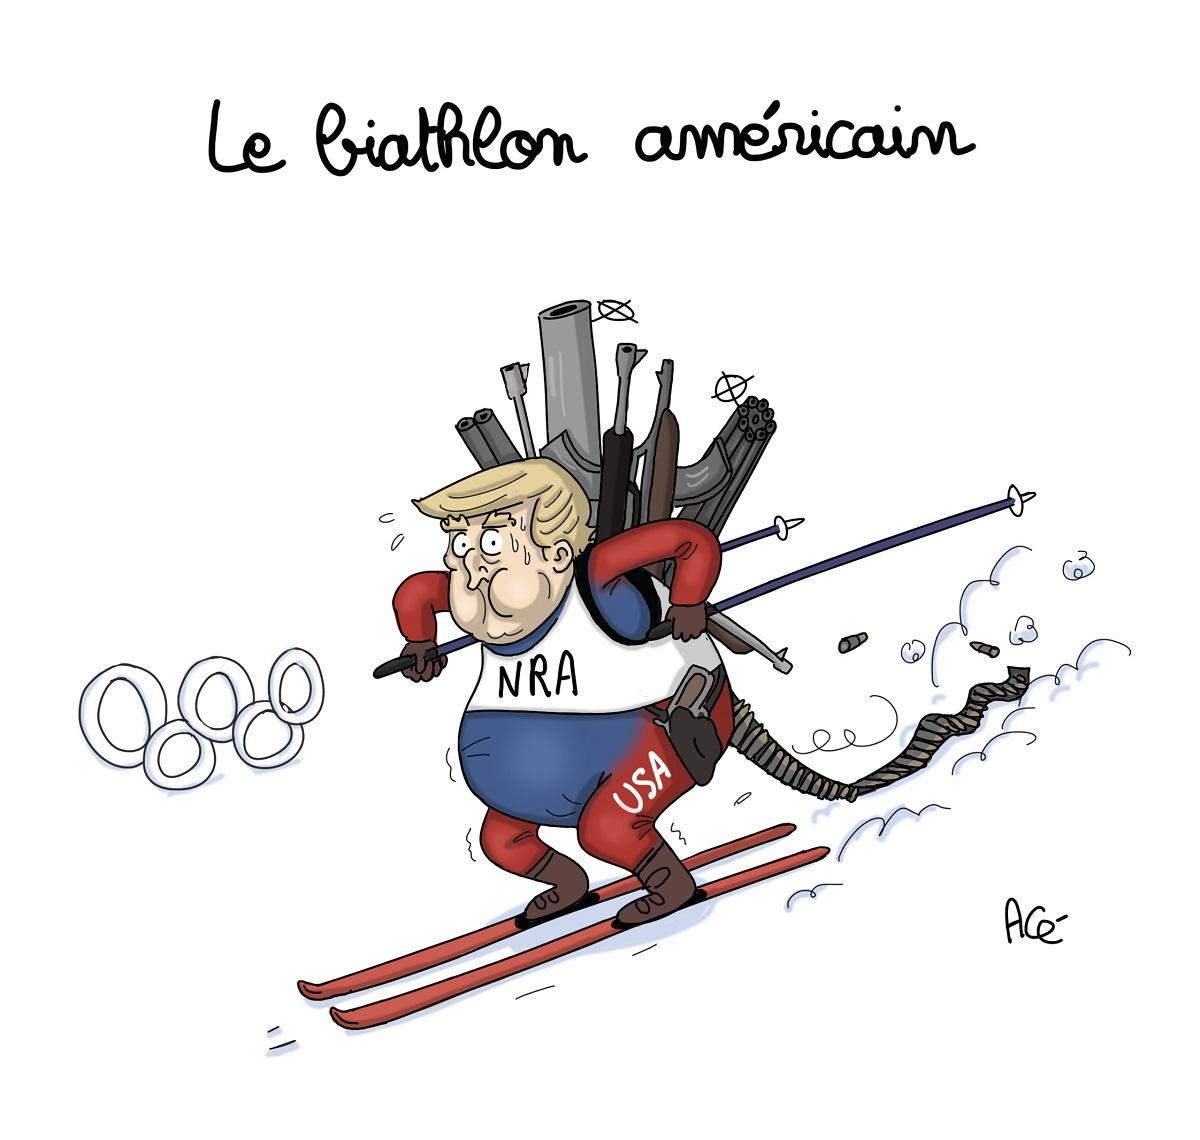 dessin d'actualité humoristique de Donald Trump disputant le biathlon